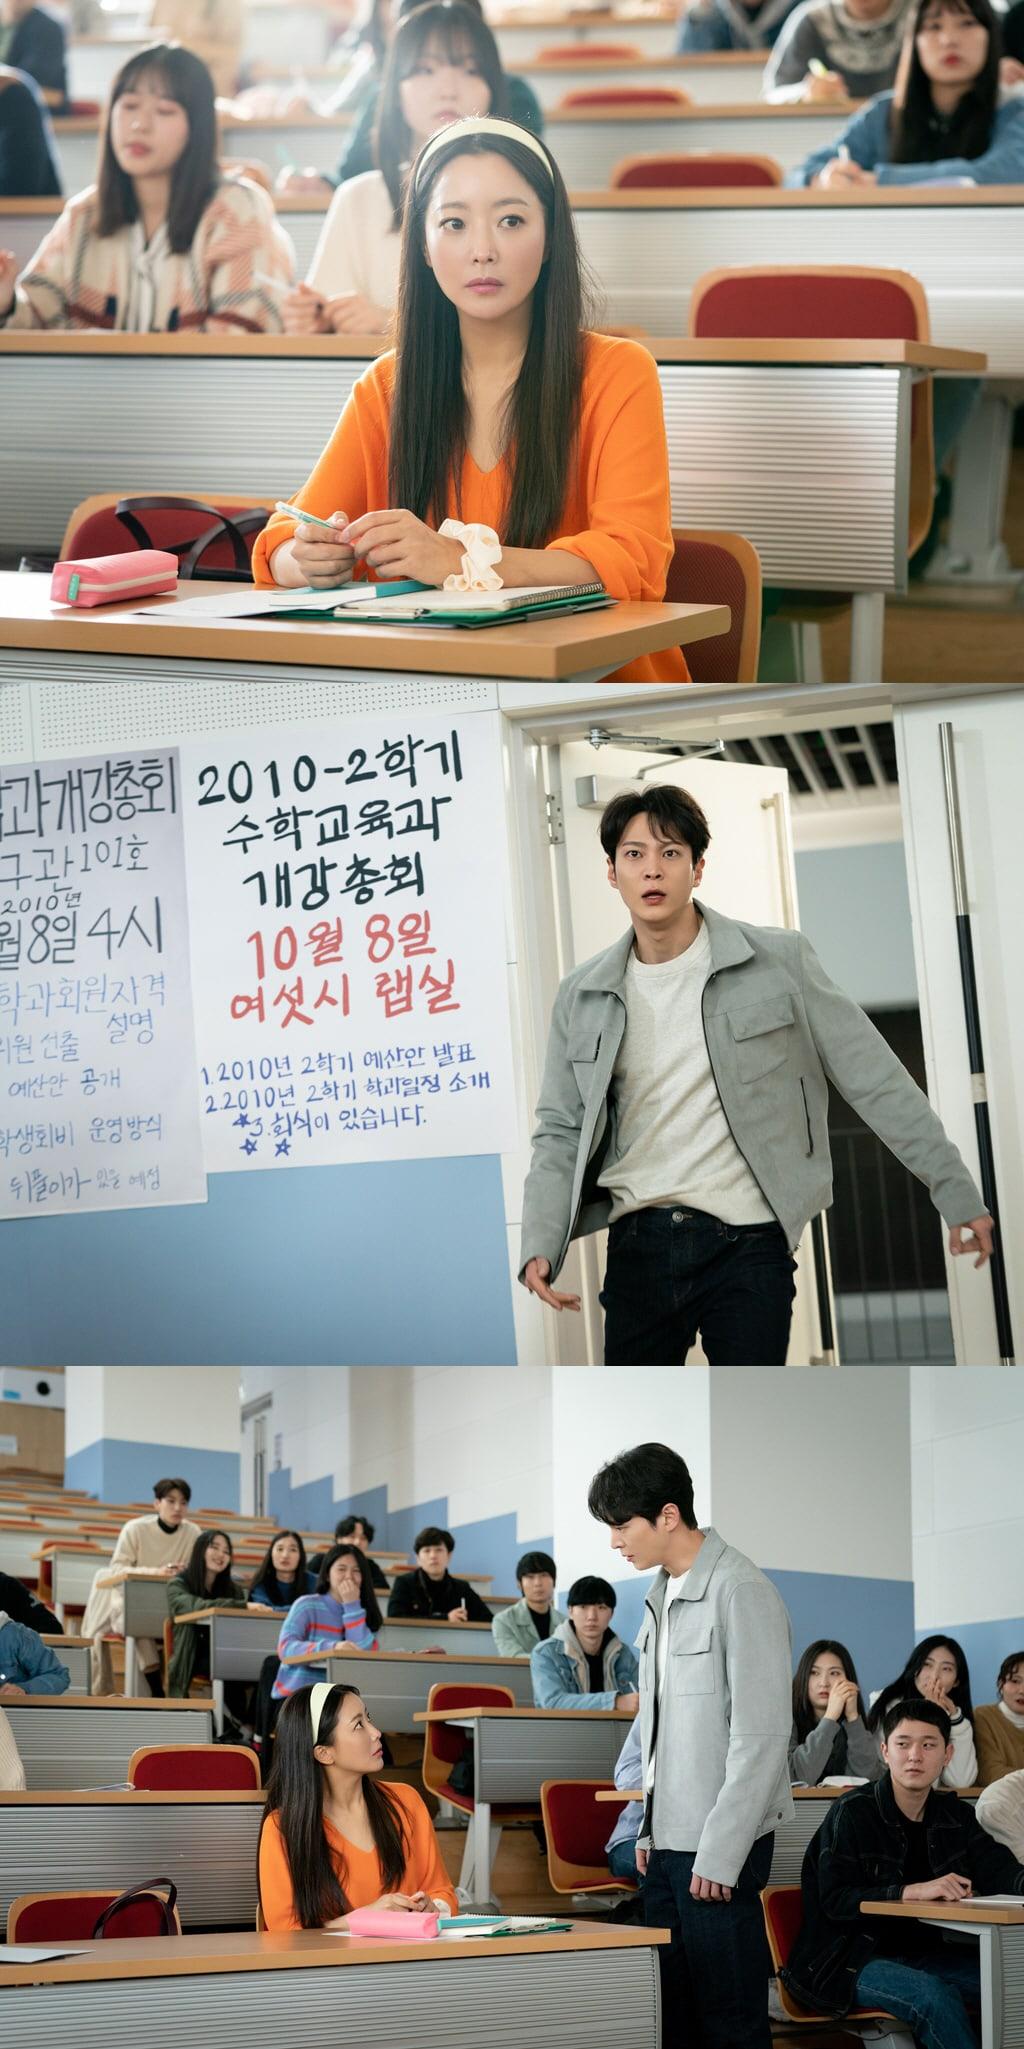 Park Jin Gyeom gặp lại Yoon Tae Yi tại giảng đường đại học sau khi bị 'văng' về quá khứ 10 năm trước